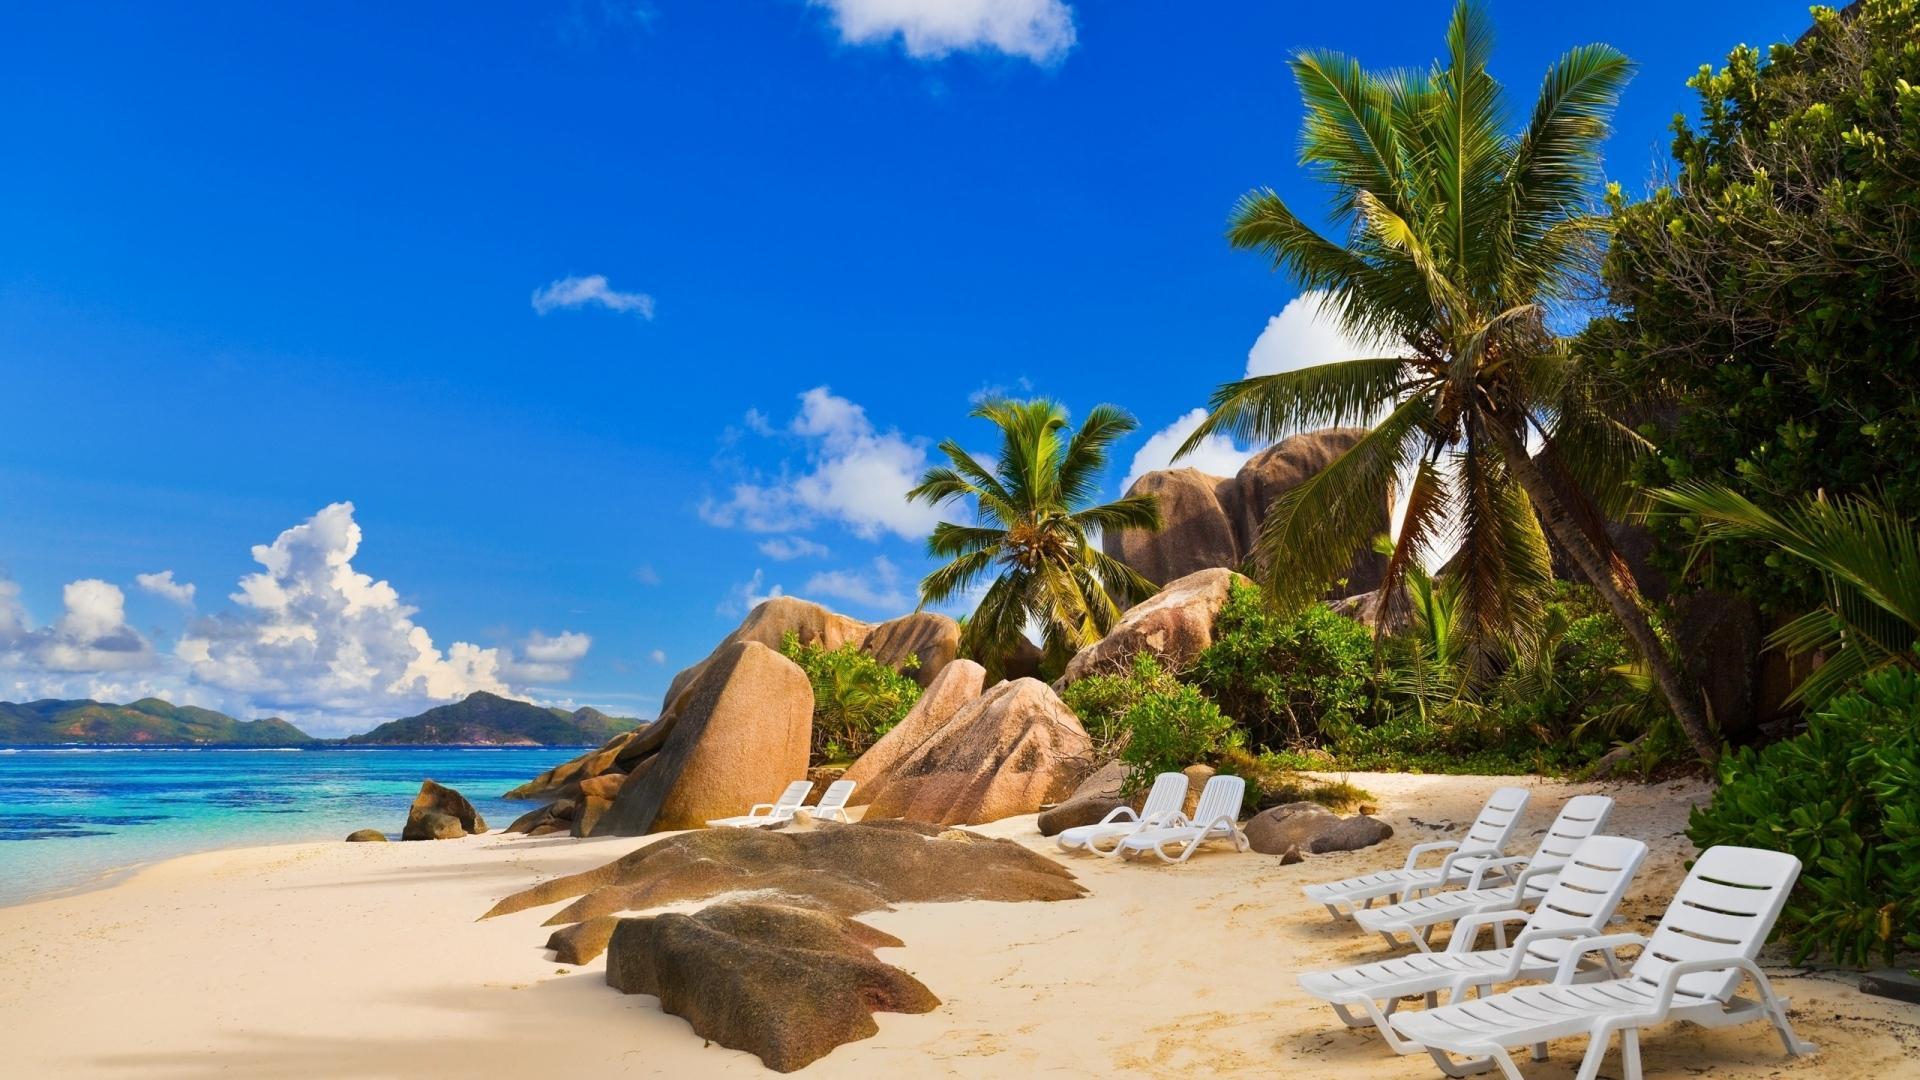 绝美的海岸风景摄影高清壁纸图片-唯美高清海岸风景图片,桌面背景图片